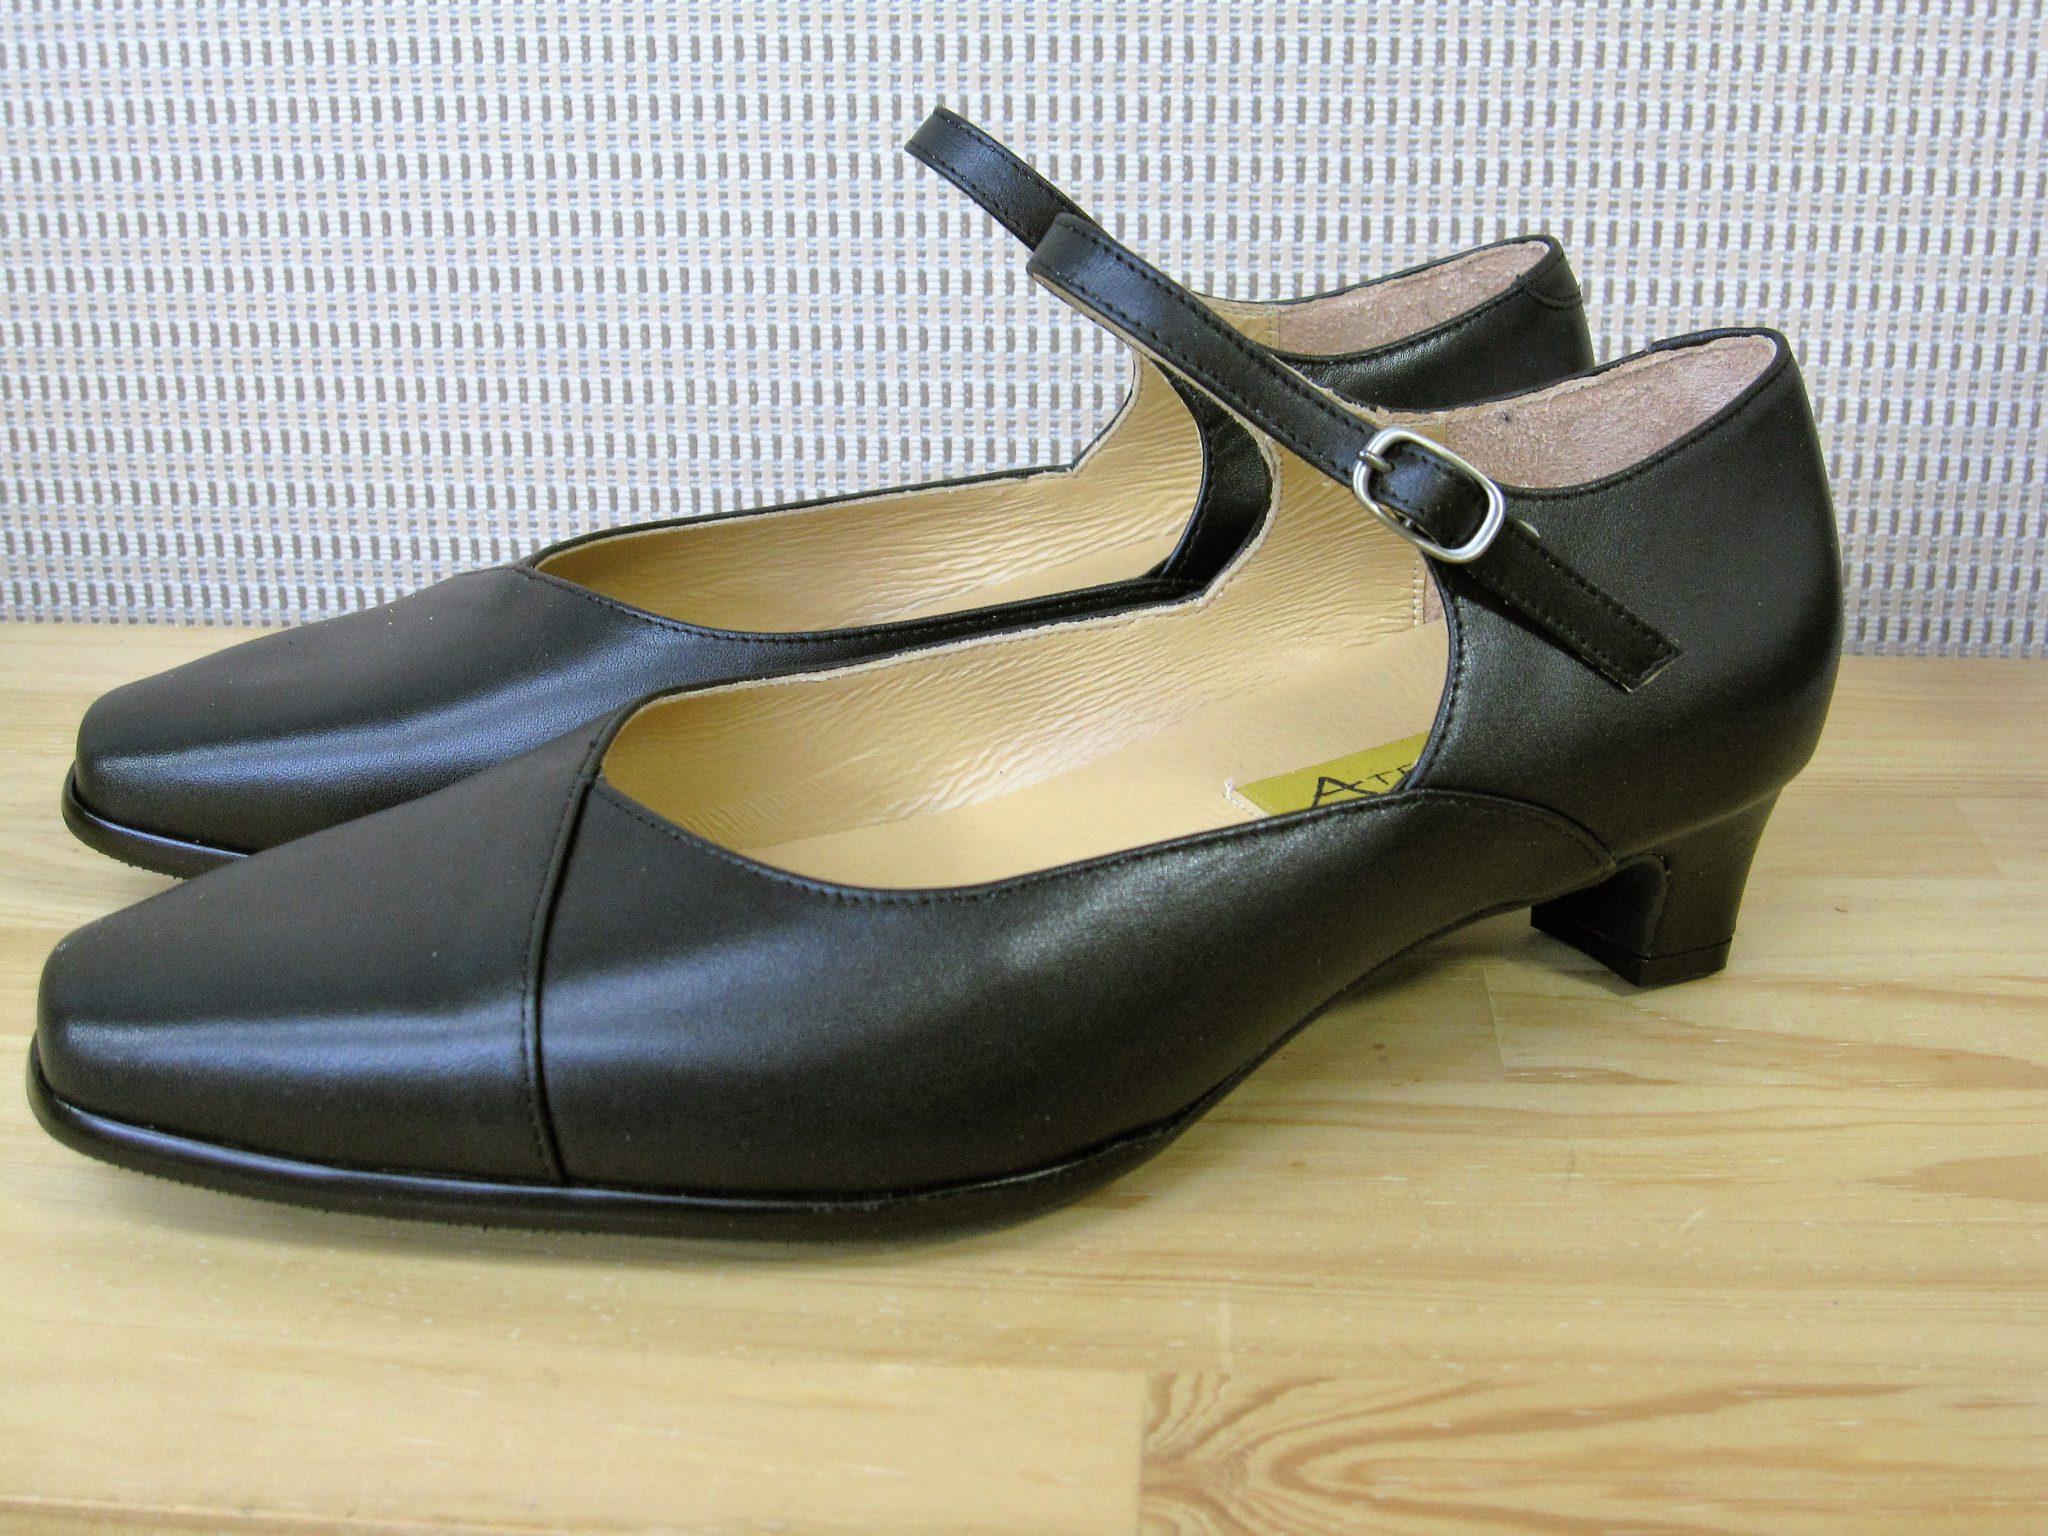 足にやさしい靴・オーダーメイドシューズ 6E ワンストラップパンプス